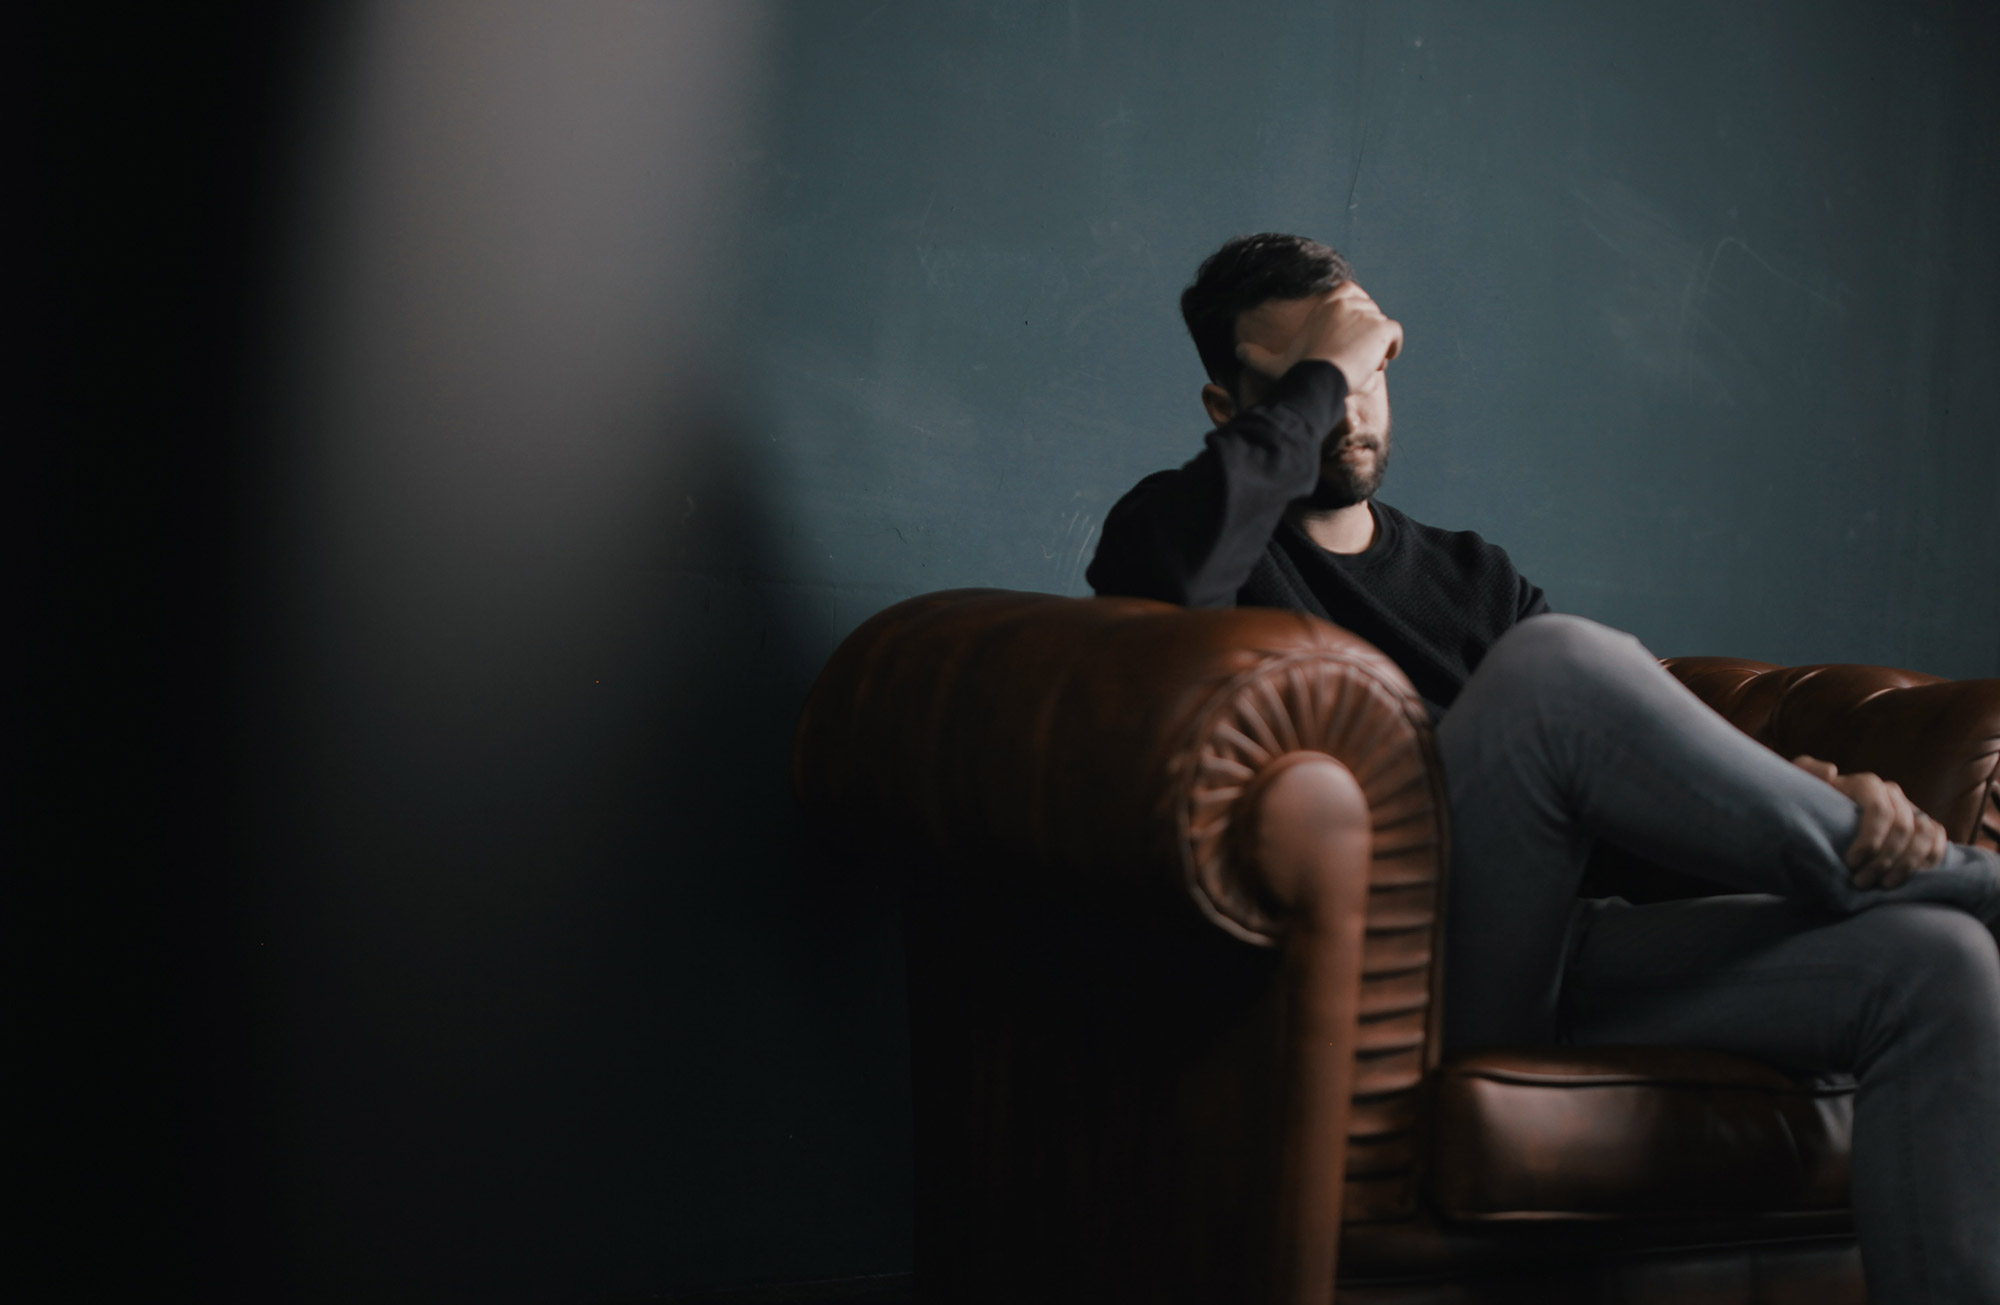 Combattere l'ansia e dormire meglio: il CBD può aiutarci